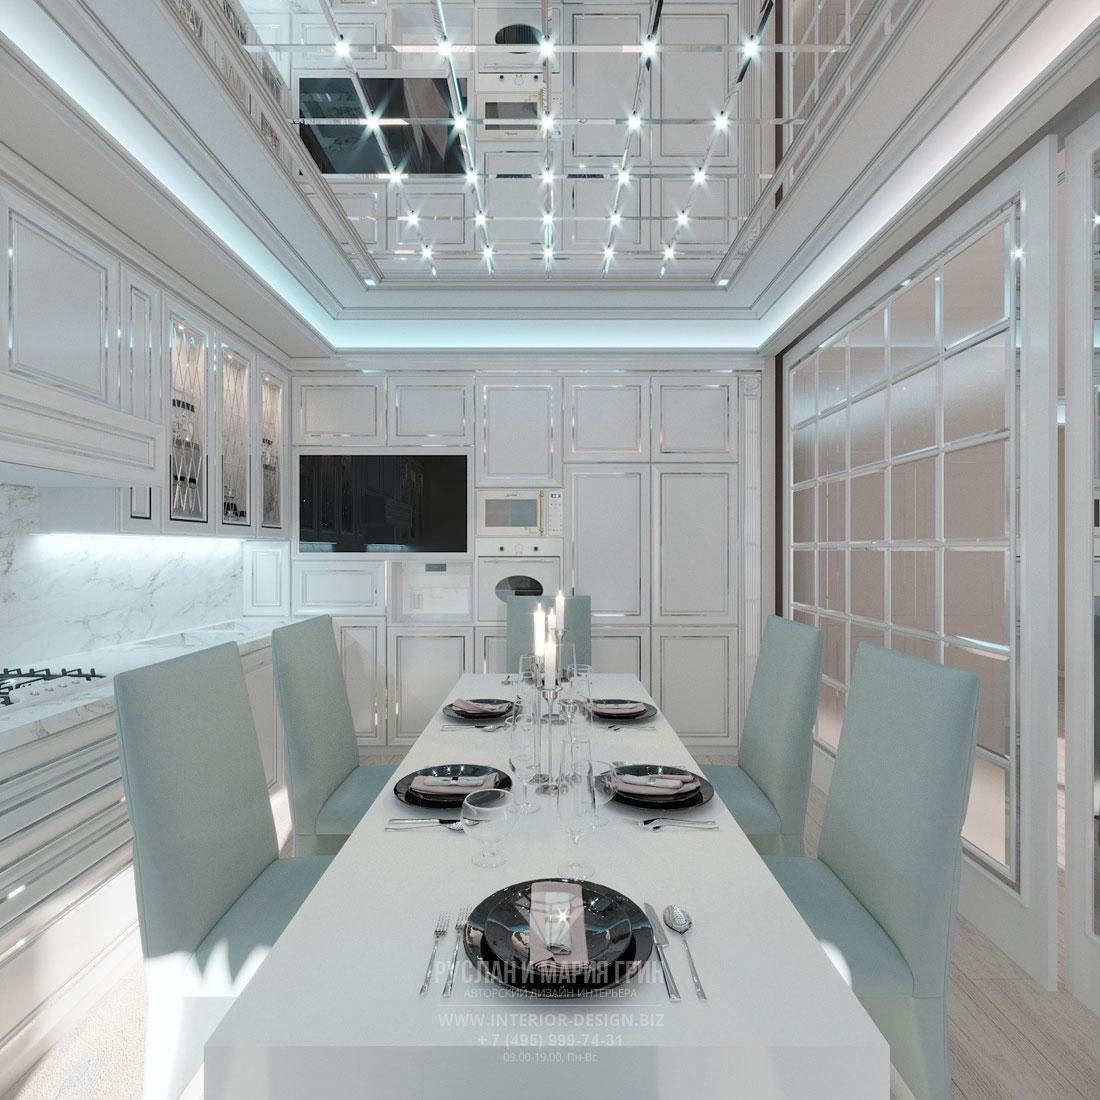 Дизайн интерьера кухни-столовой в стиле современного арт-деко